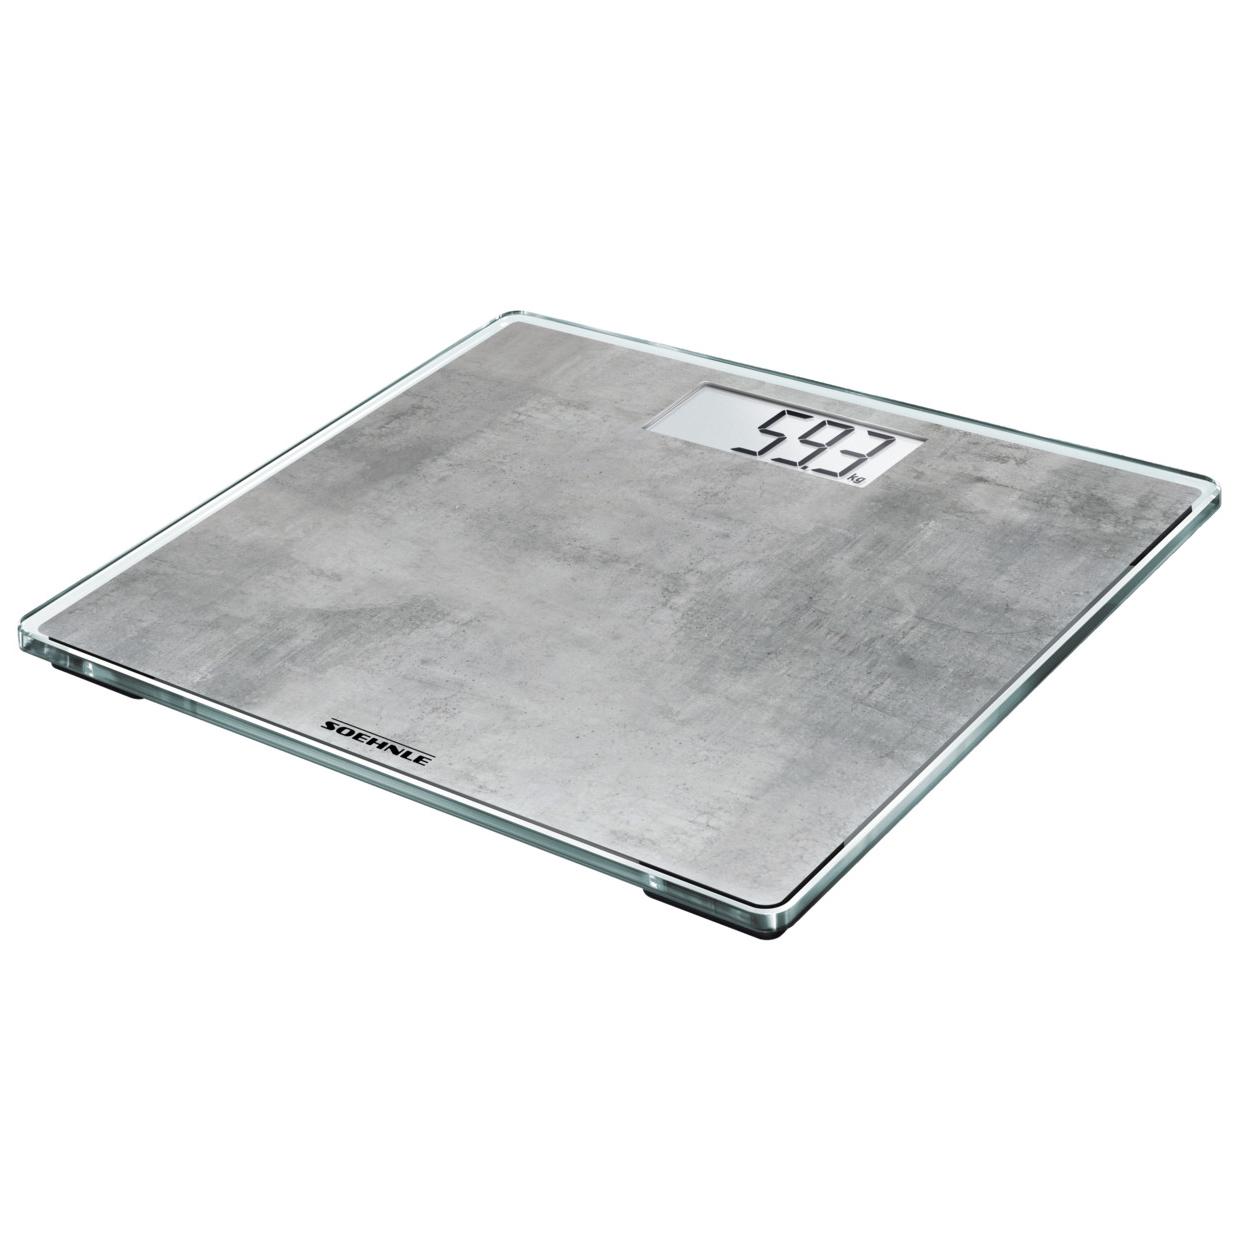 Soehnle Style Sense Compact 300 Concrete osobní váha - digitální SOEHNLE 63882